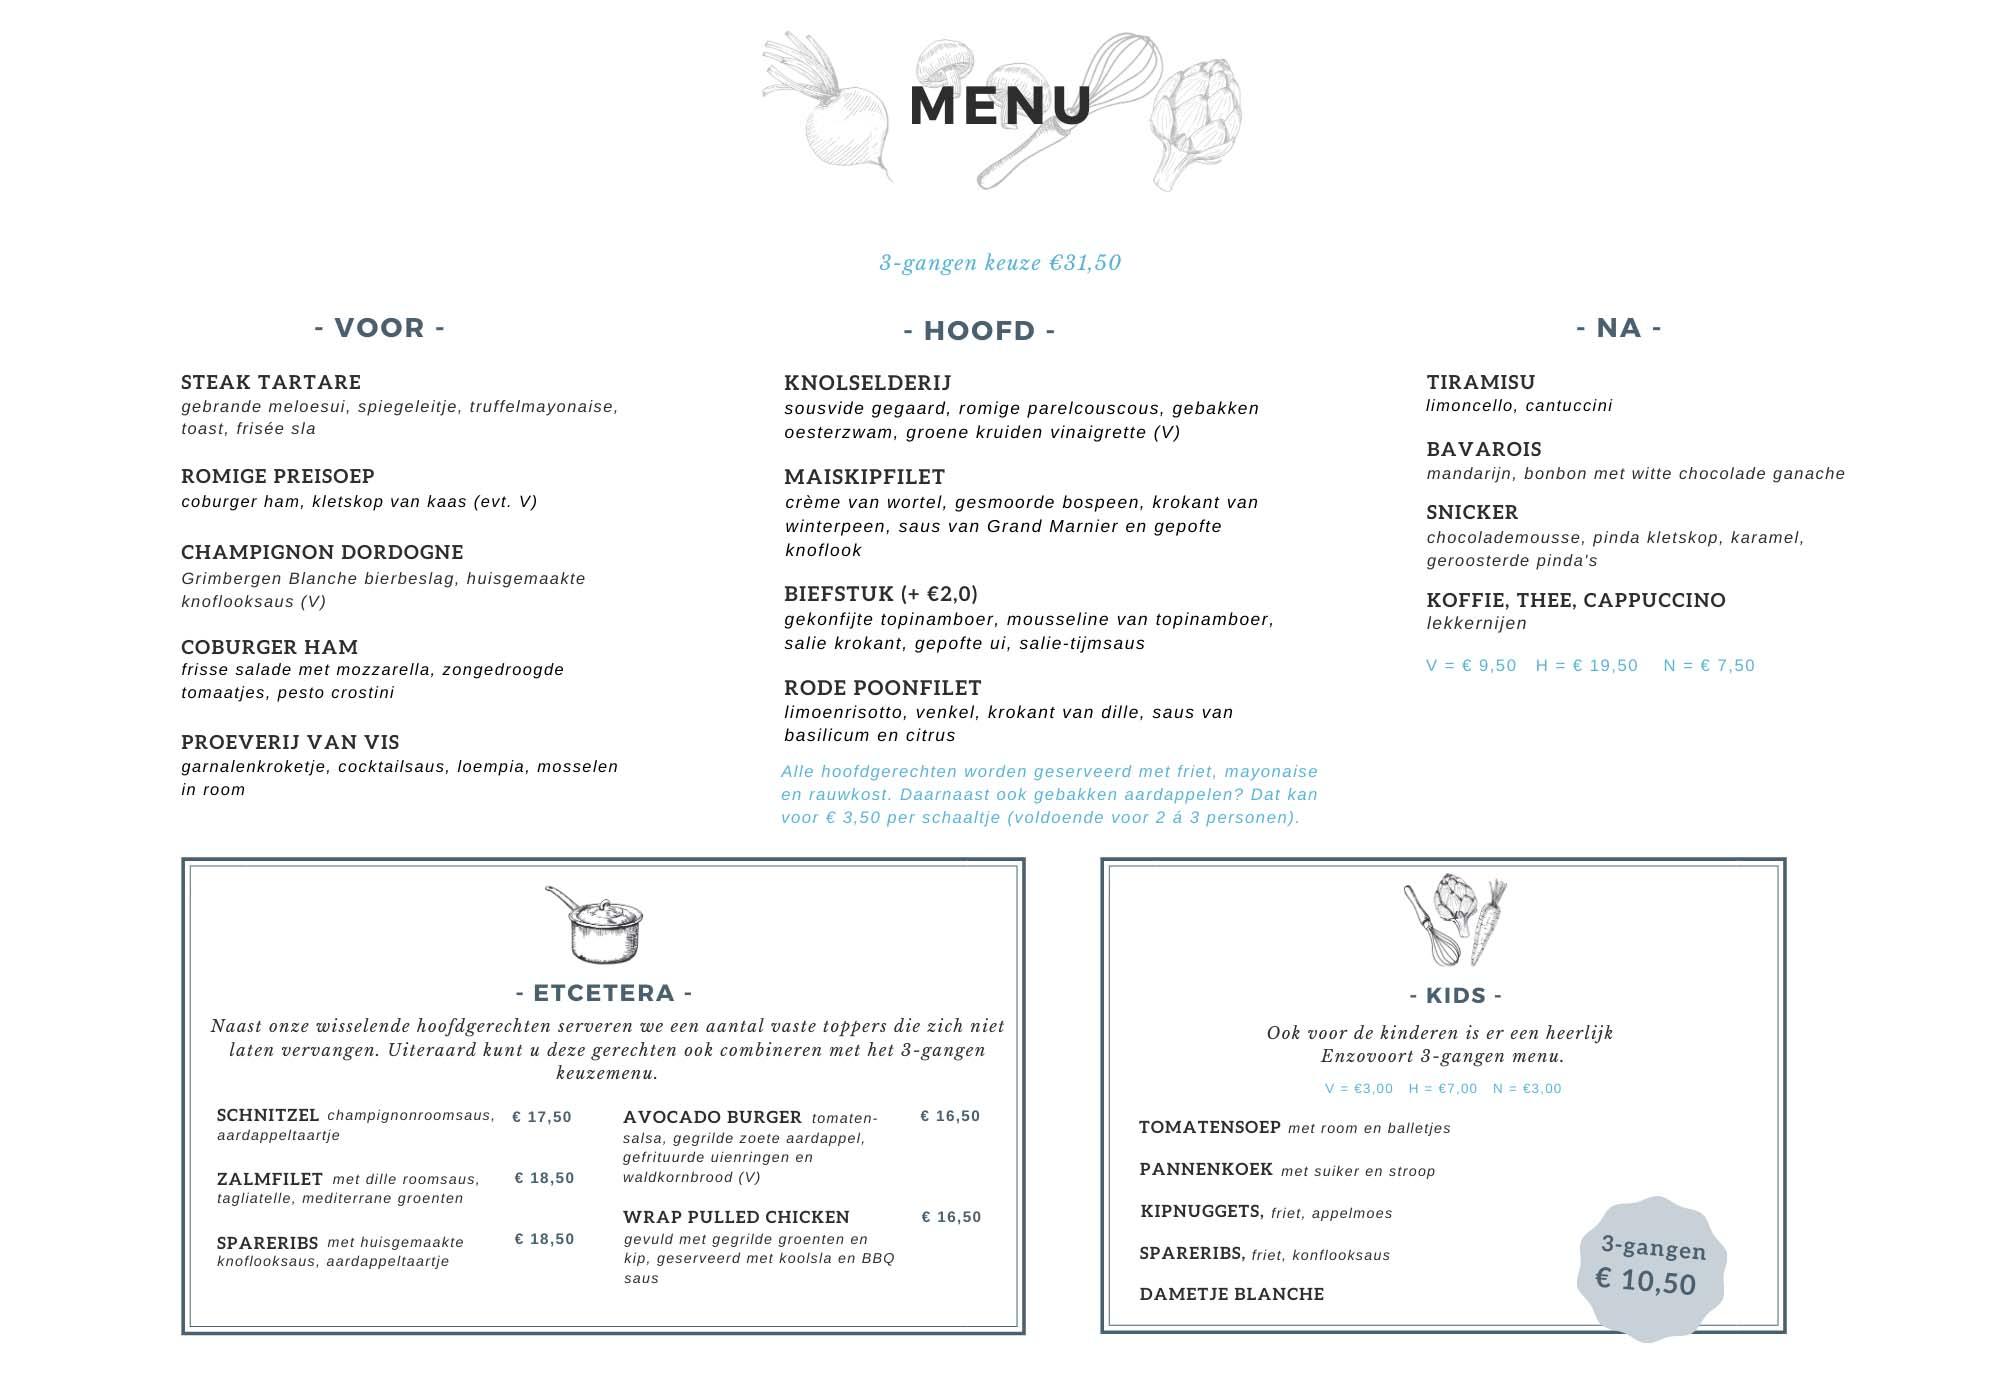 menukaart-enzovoort-najaar